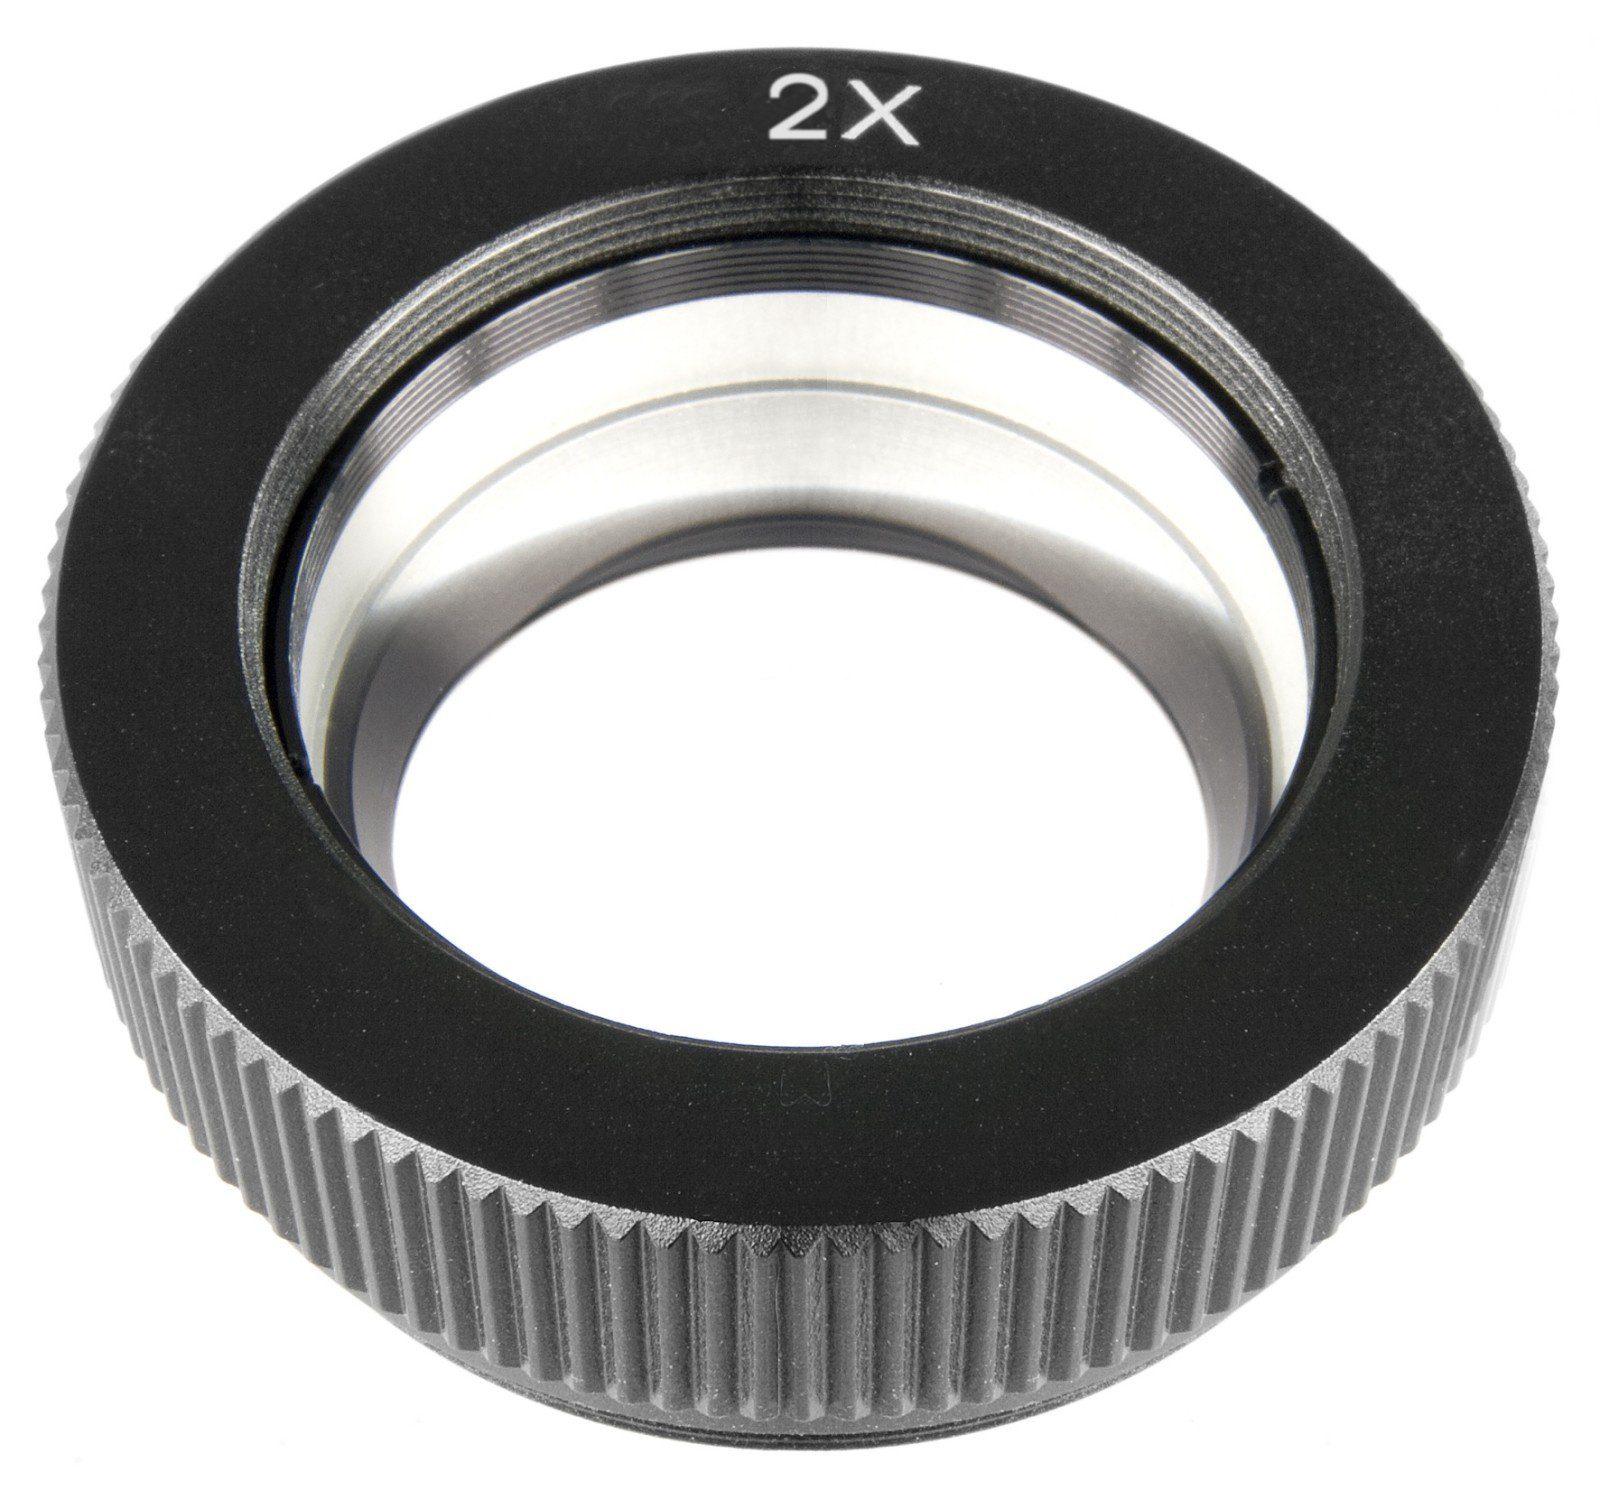 Bresser Mikroskop »Zusatzobjektiv 2x«